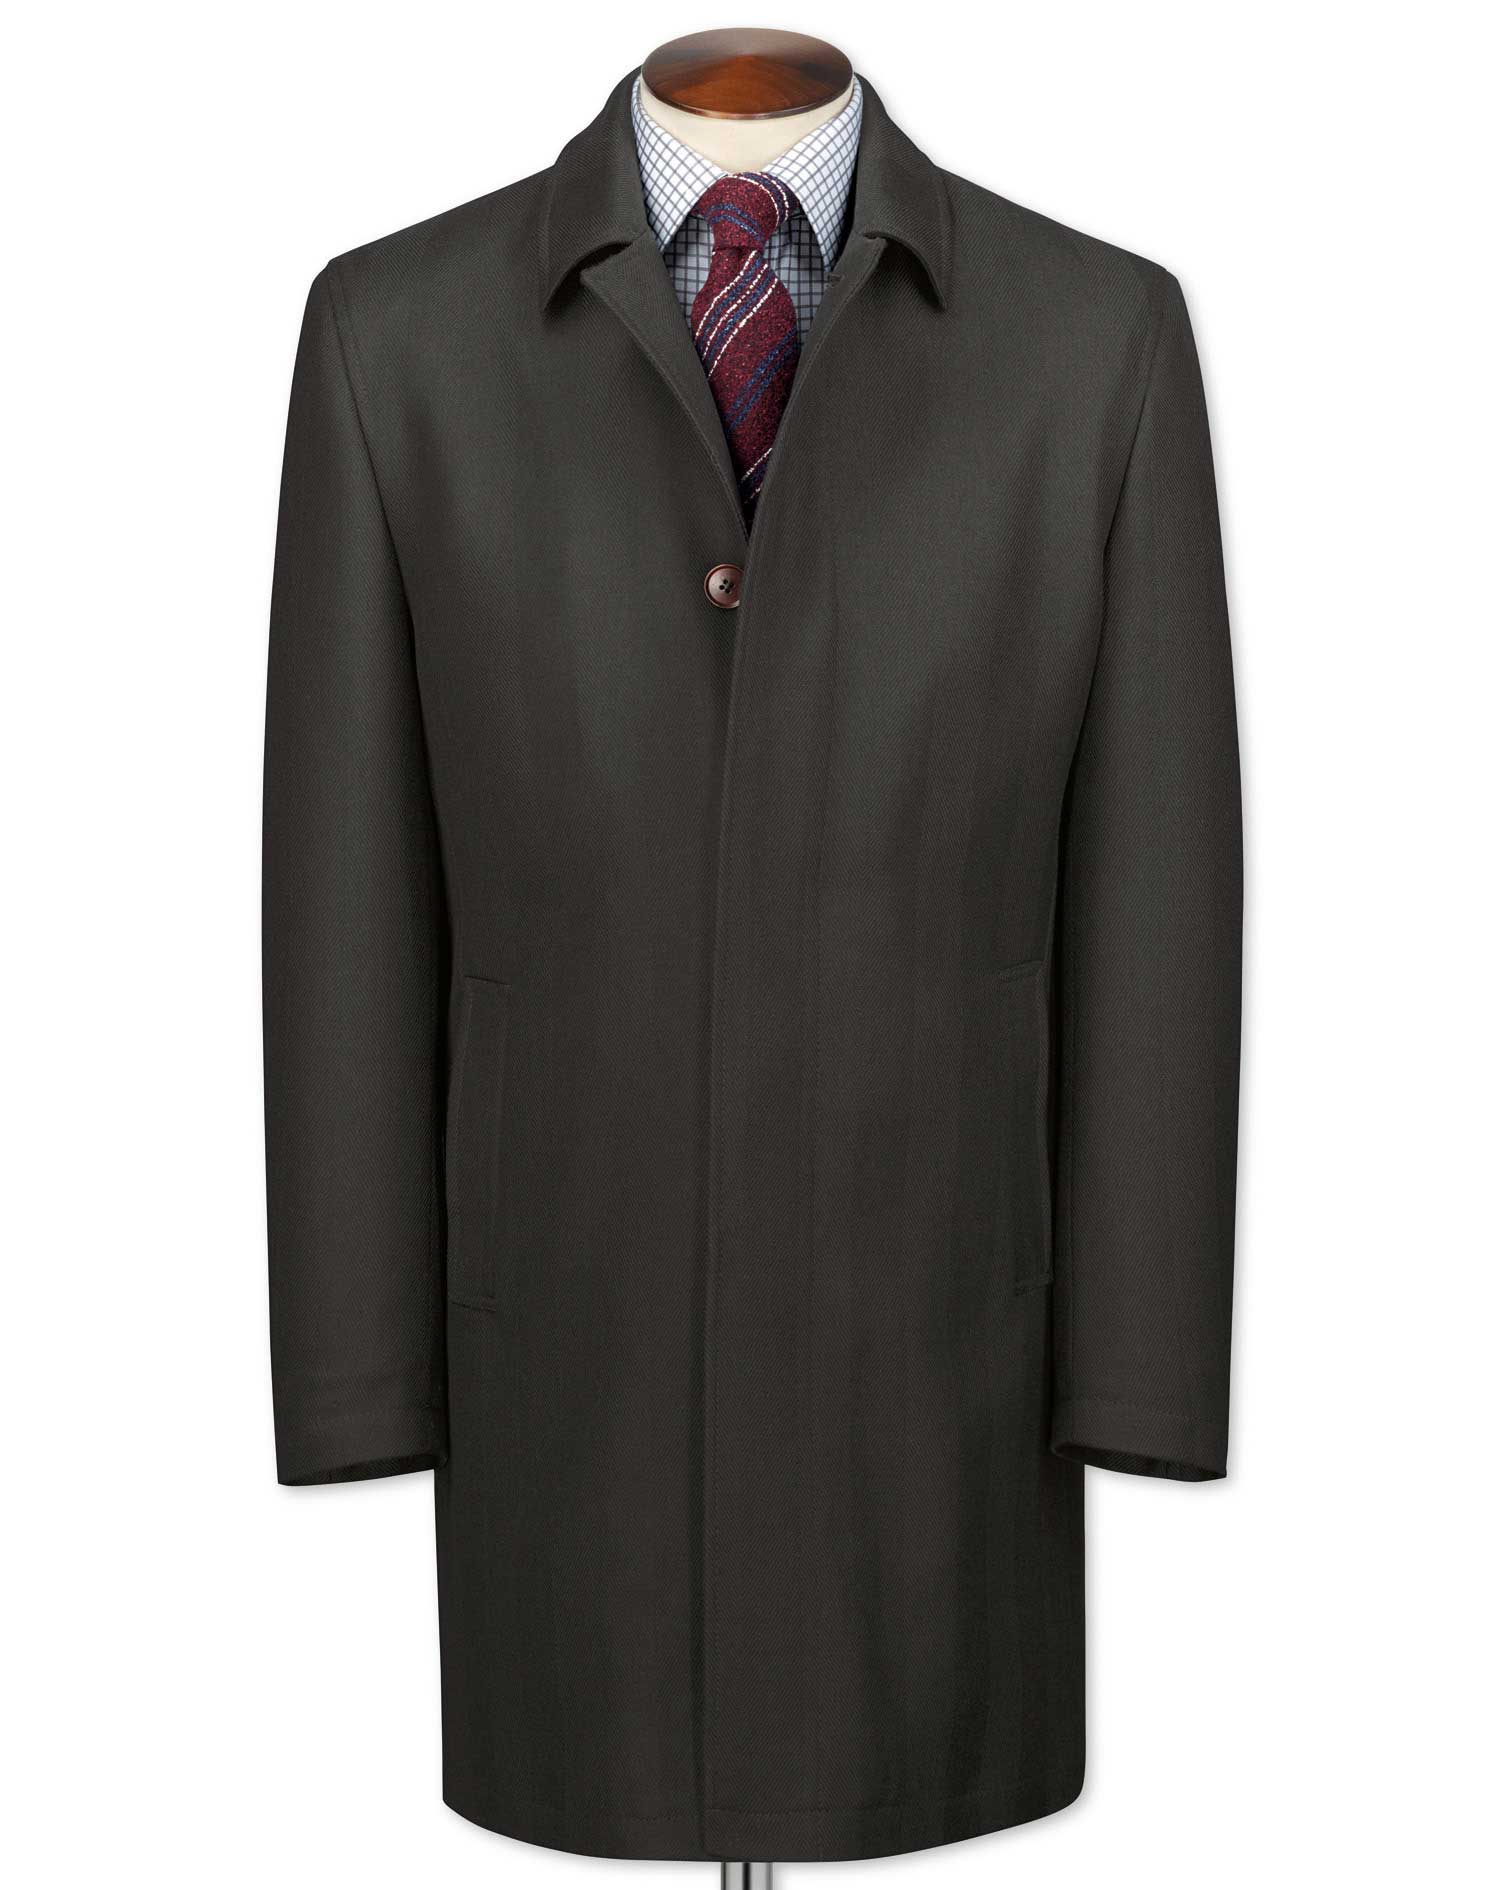 Charcoal Herringbone Wool Car Wool Coat Size 36 Regular by Charles Tyrwhitt